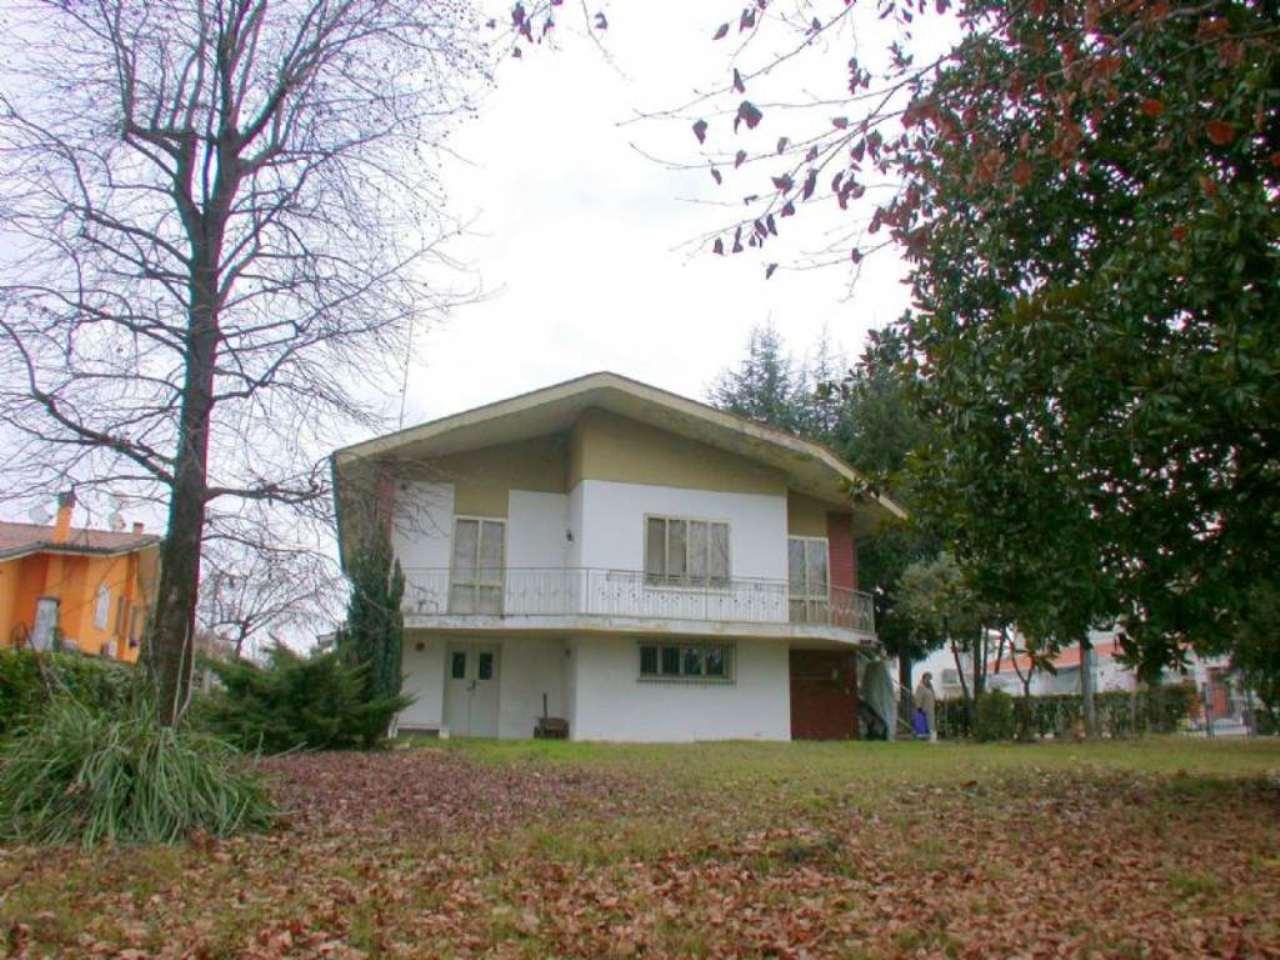 Soluzione Indipendente in vendita a Silea, 10 locali, prezzo € 250.000 | Cambio Casa.it